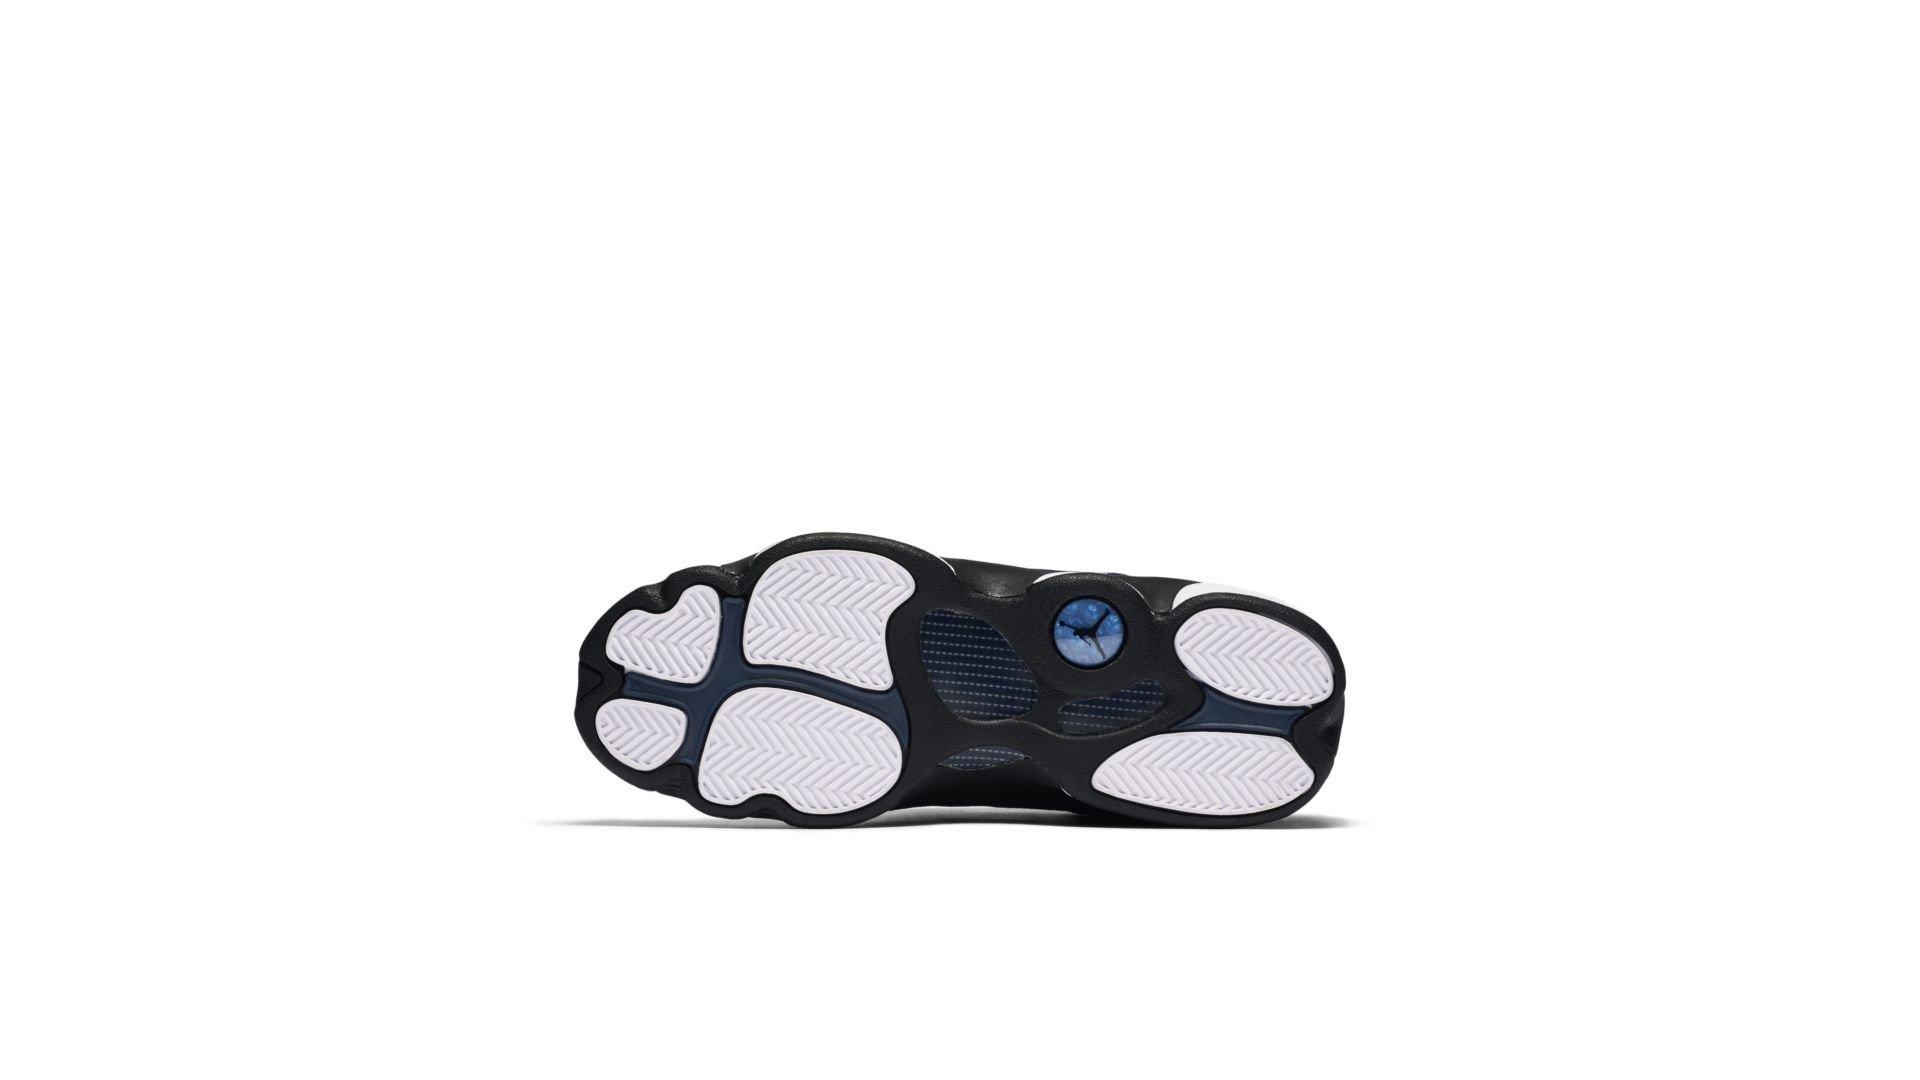 Jordan 13 Retro Low Brave Blue (GS) (310811-407)